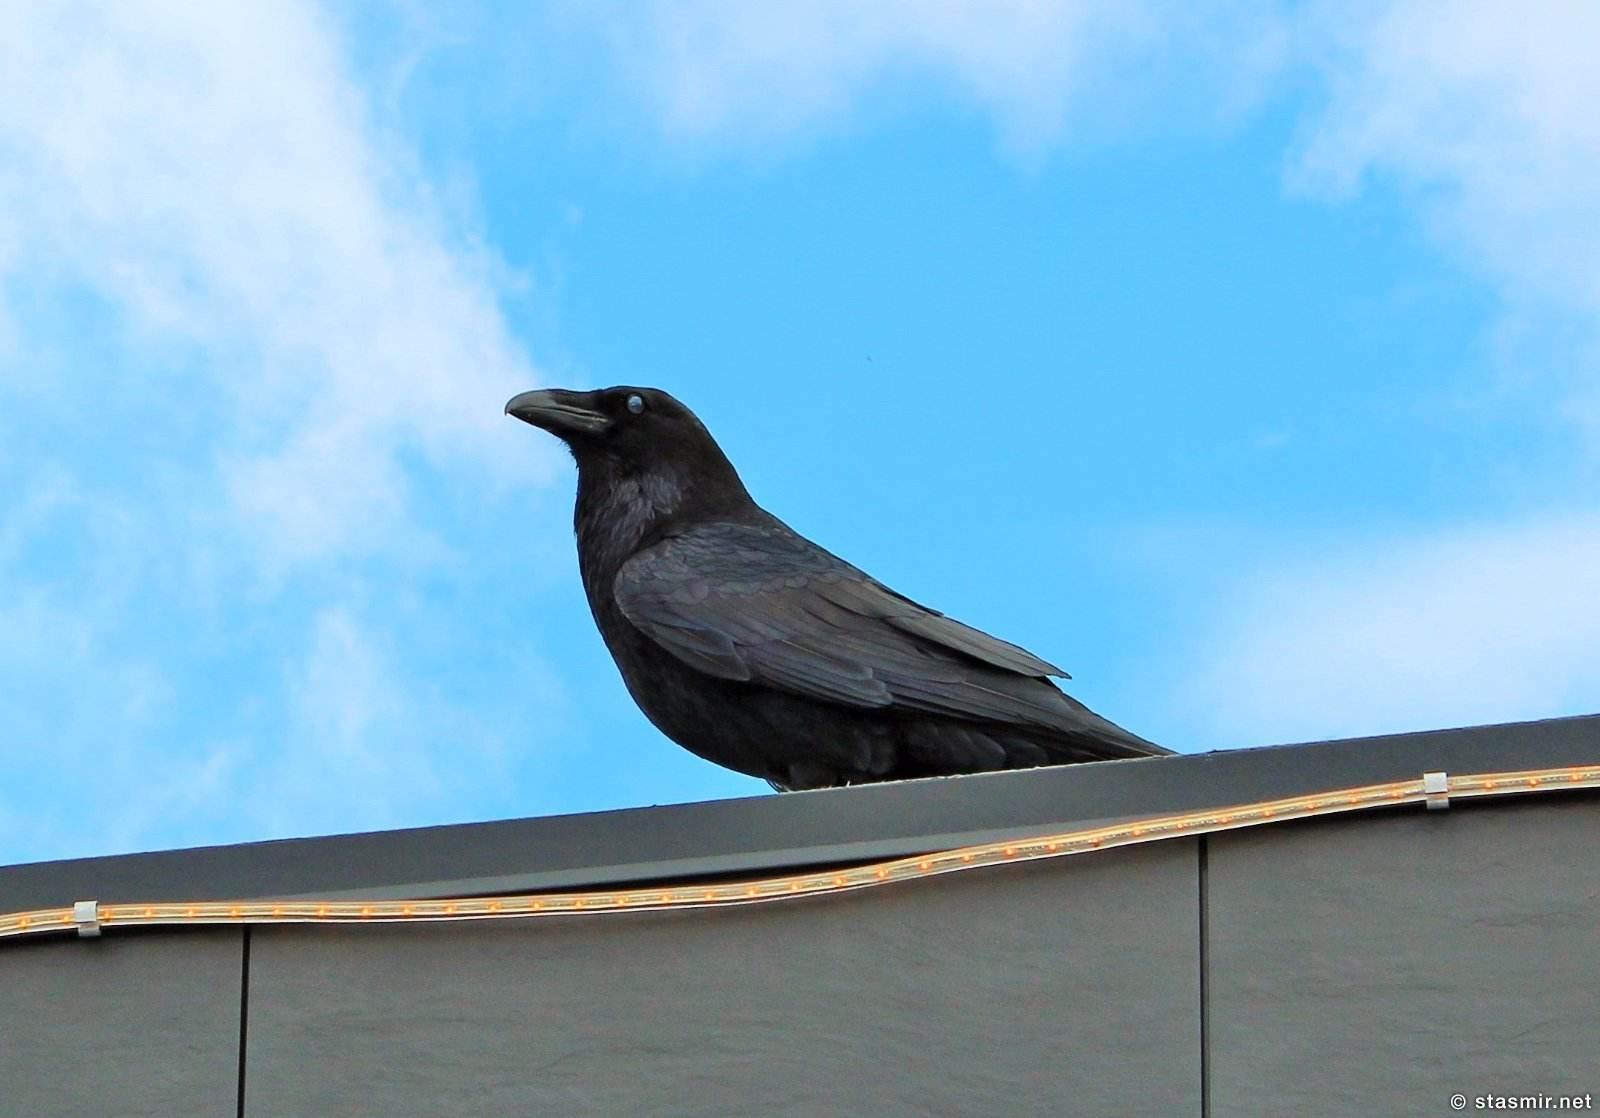 Ворон Одина перманентно установлен на крыше кафе перед Золотым Водопадом, фото Стасмир, Photo Stasmir